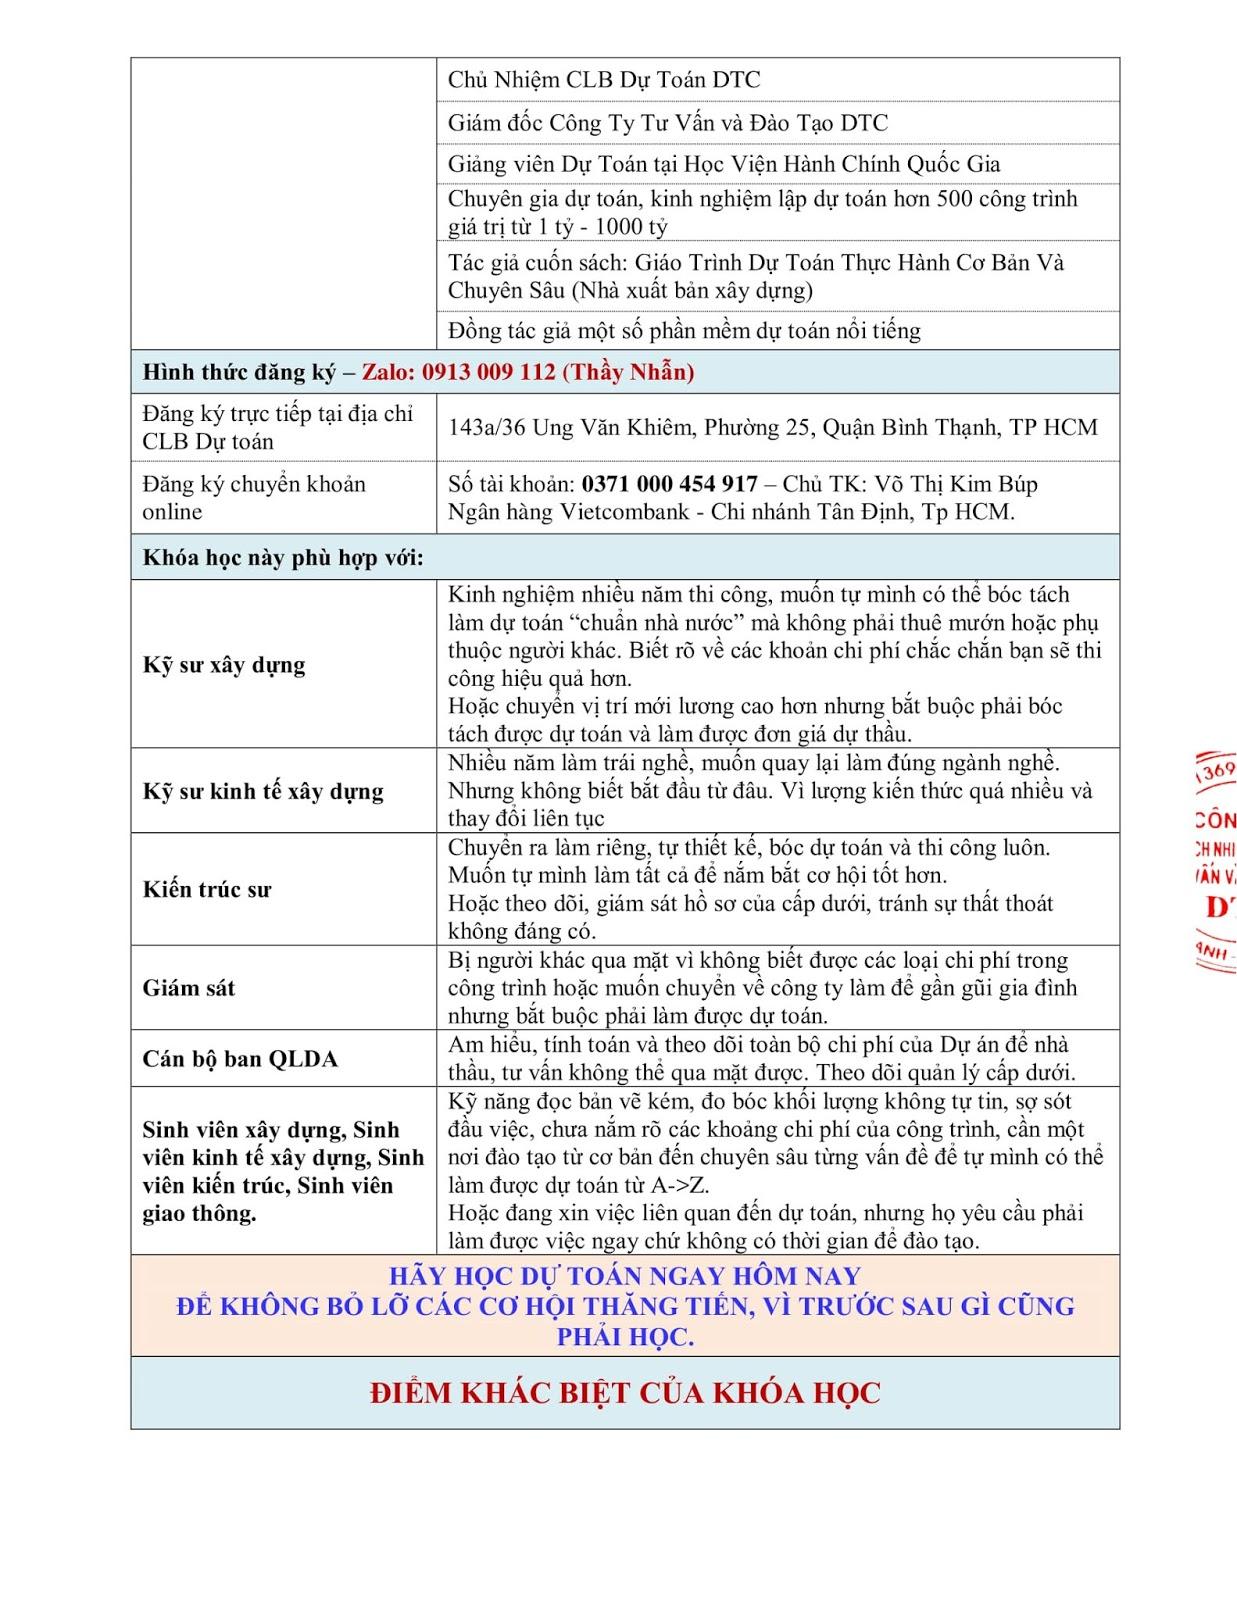 CLB DỰ TOÁN DTC TẶNG QUÀ CHO HỌC VIÊN NỮ MỪNG NGÀY 20/10